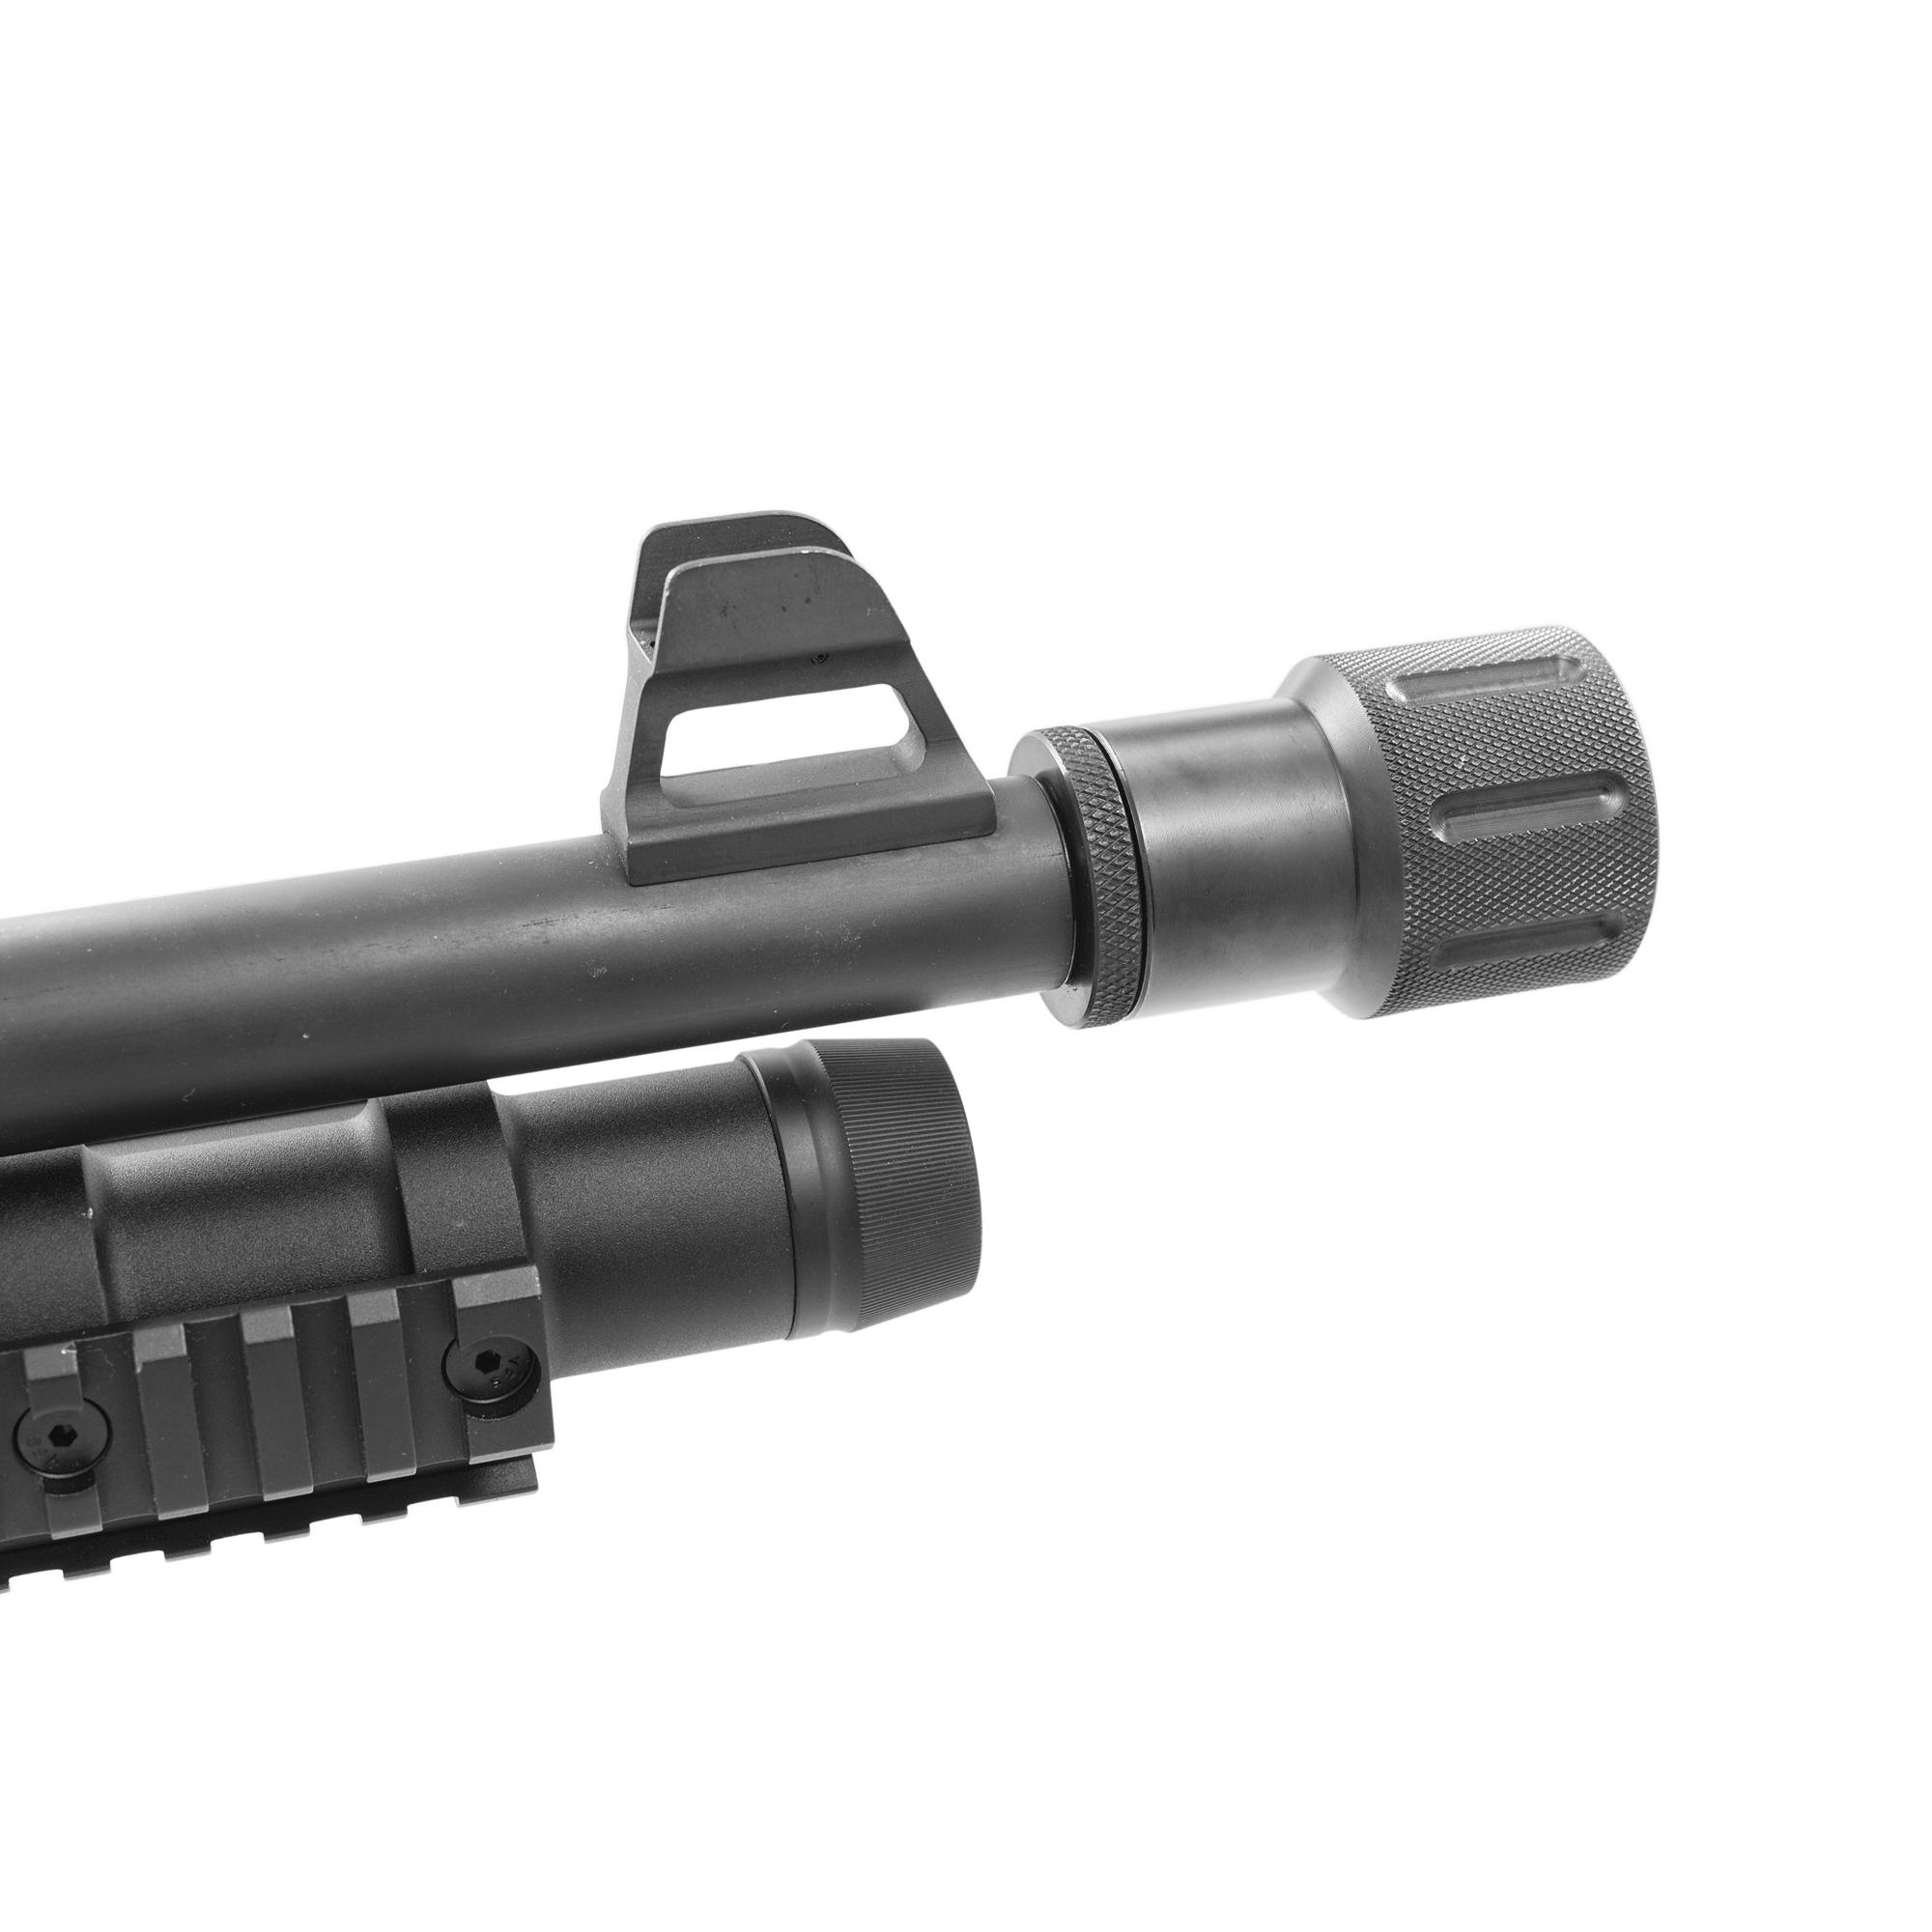 Shotgun Gauge Reducer Tubes - 0425